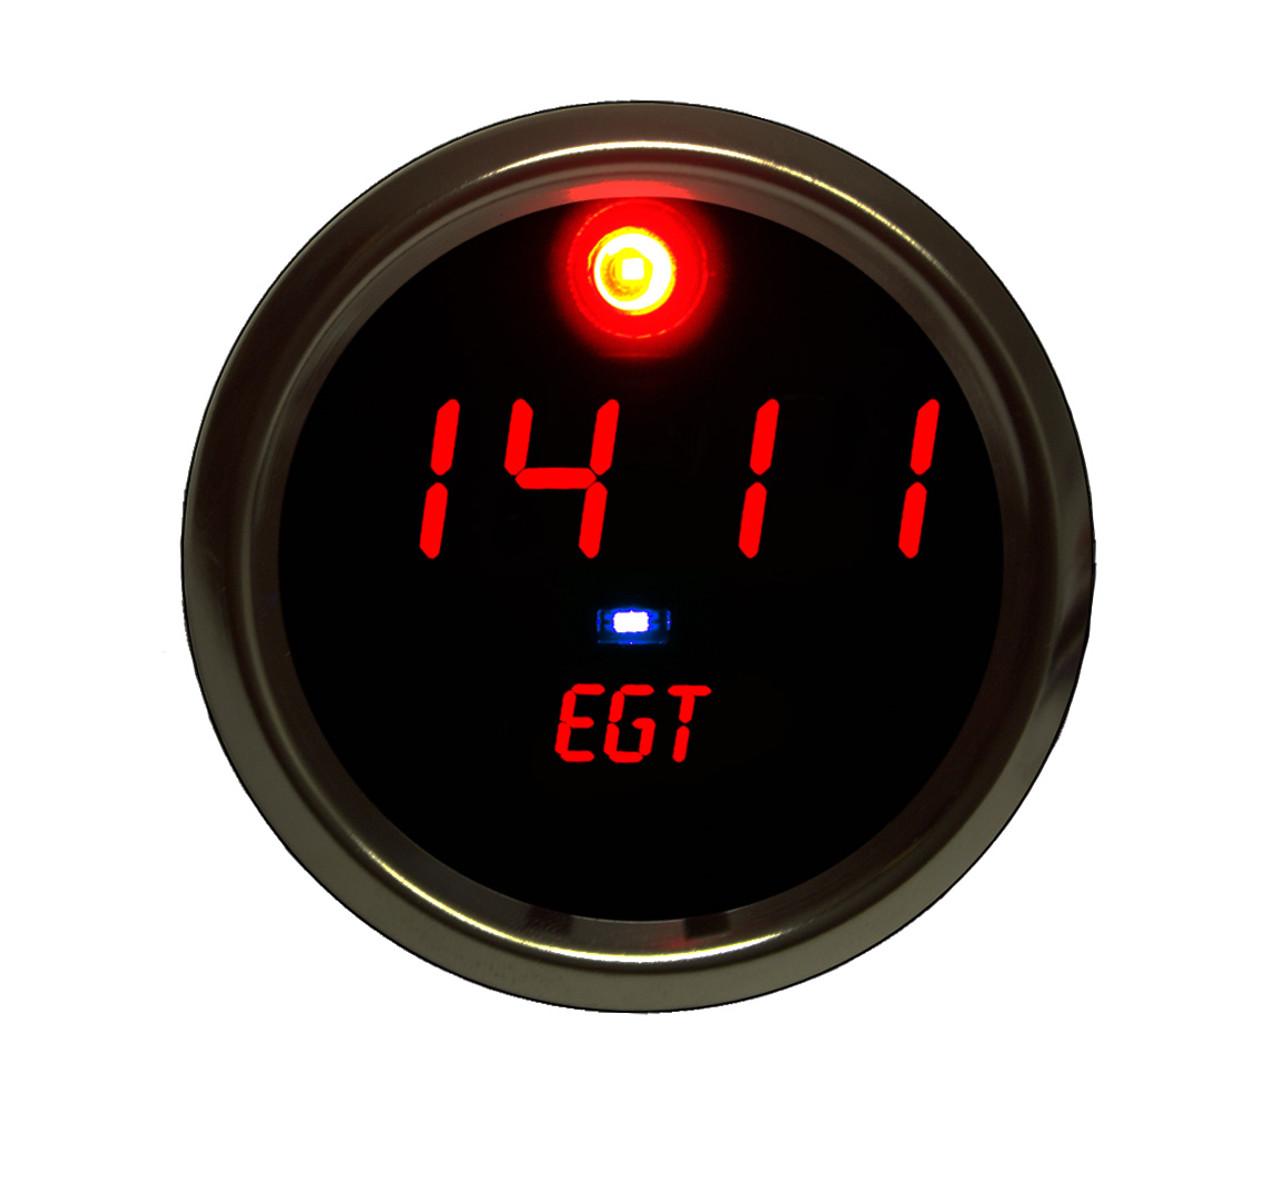 EGT Programmable Co-Pilot Gauge Chrome Bezel - RED